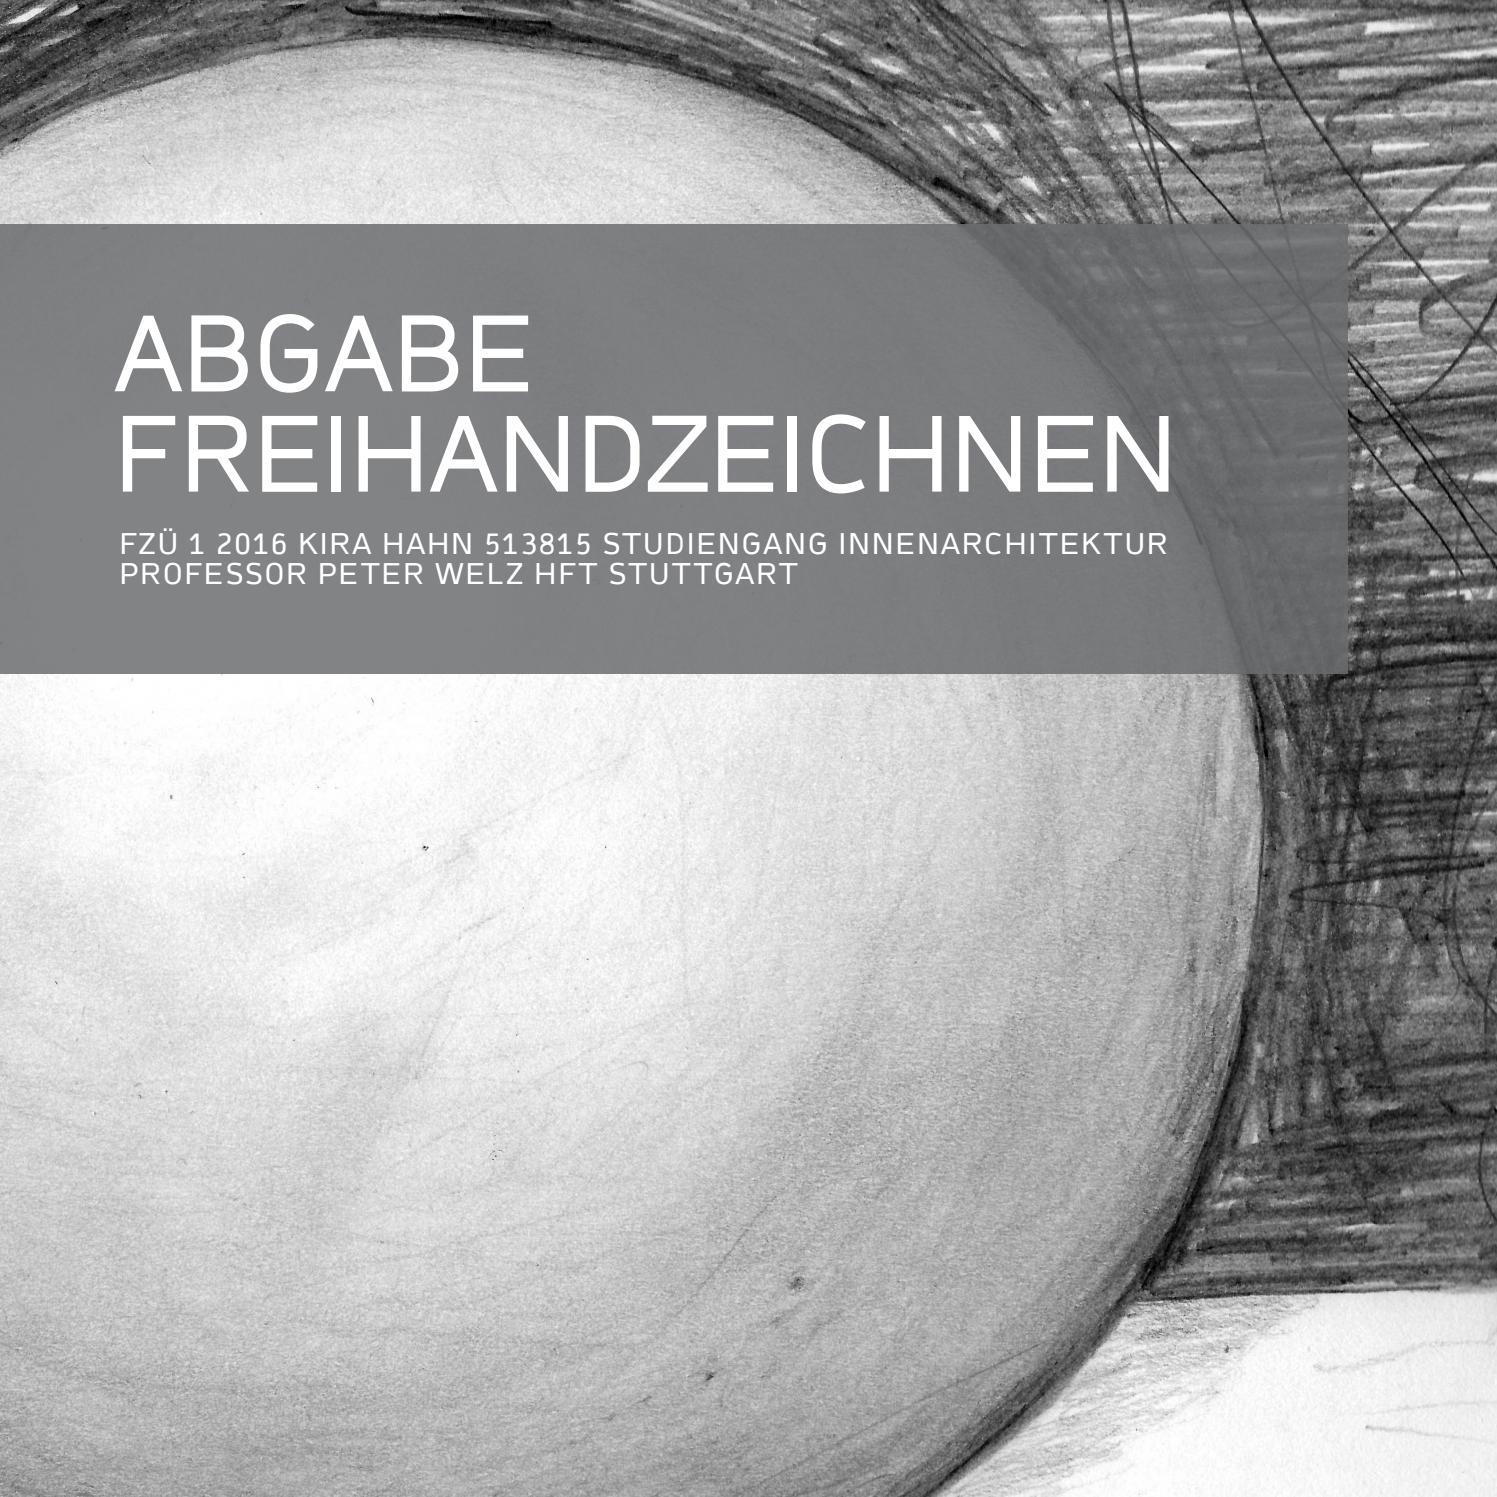 Innenarchitektur Hft Stuttgart hft stuttgart freihandzeichnen 1 hahn by valeska hahn